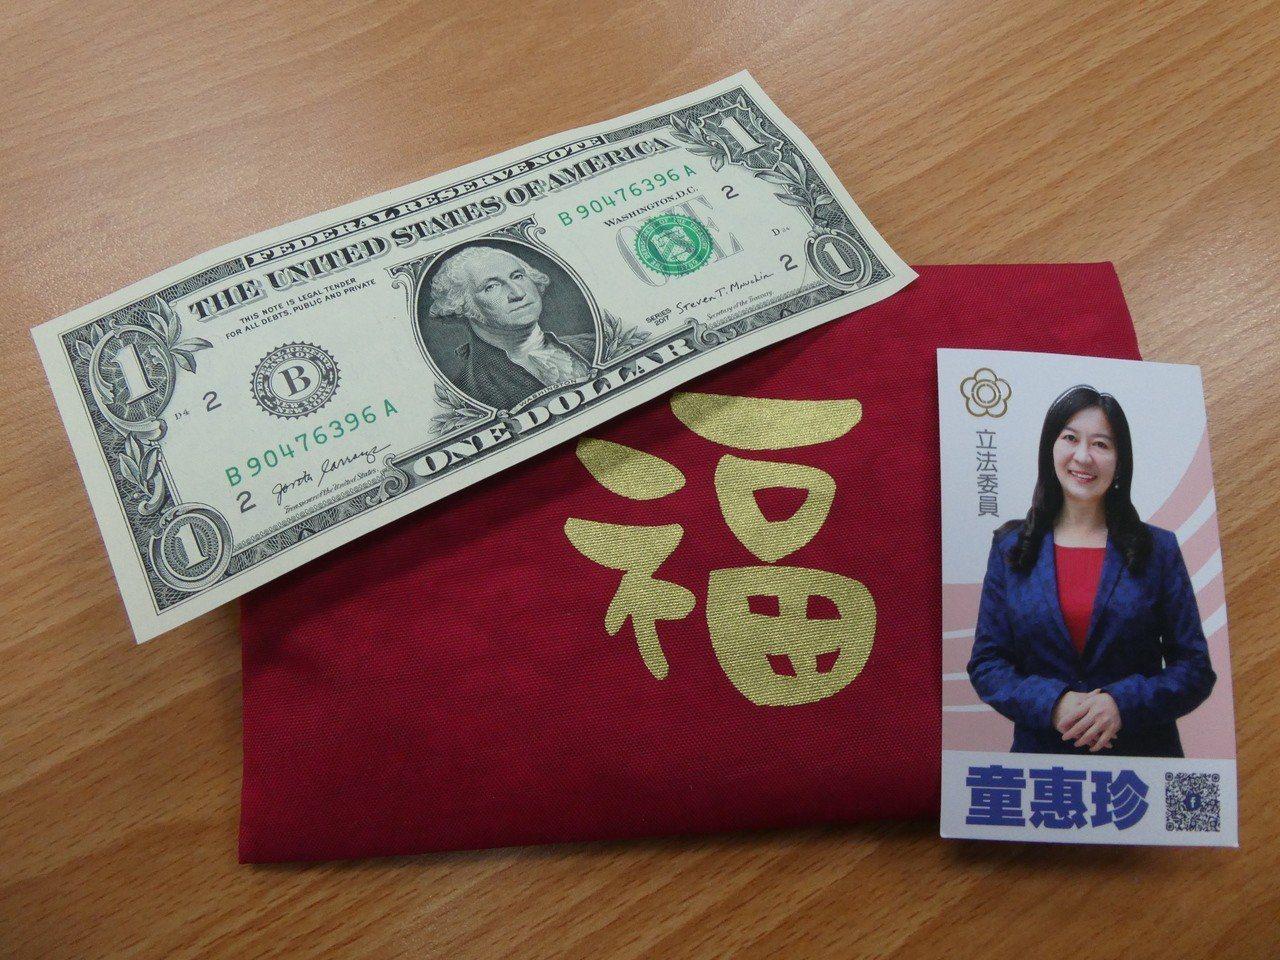 農曆春節將屆,不少政治人物也自製發財金福袋、紅包,要在年節期間當伴手禮發送給選民...